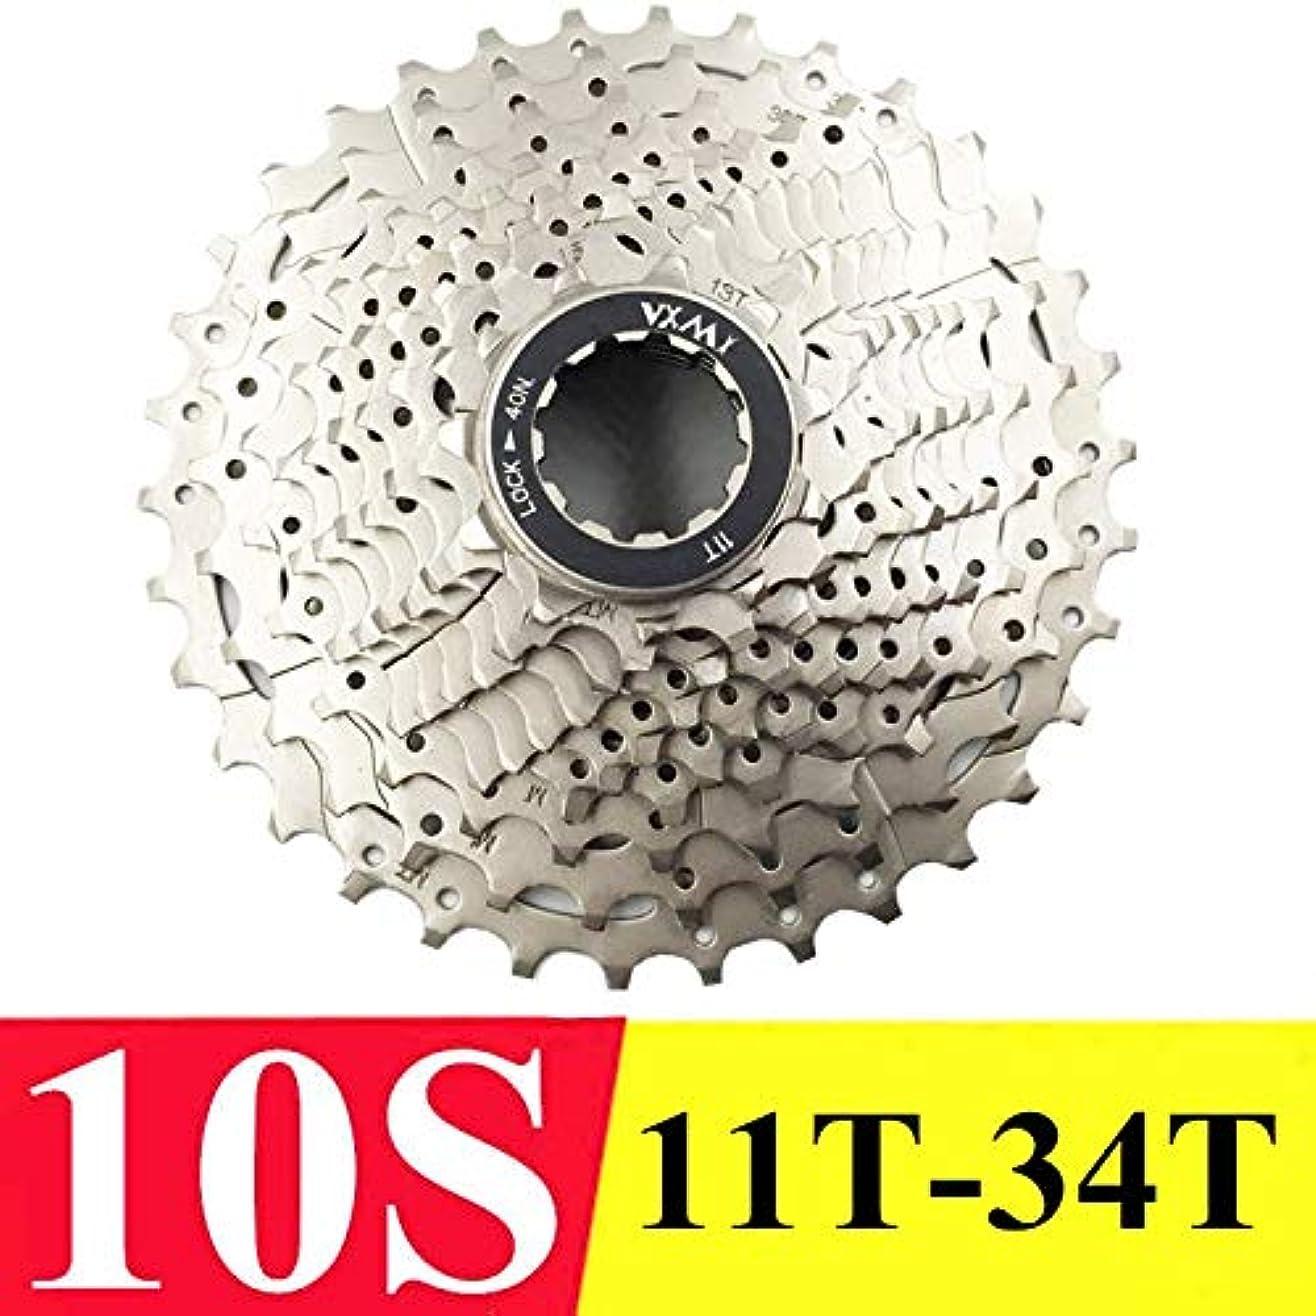 ノーブルスナップわなPropenary - 自転車フリーホイールフリーホイールカードタイプフライホイール10スピード11-32T / 34T / 36T / 40T / 42T / 46Tカセットフリーホイール自転車部品[10S 34Tシルバー]